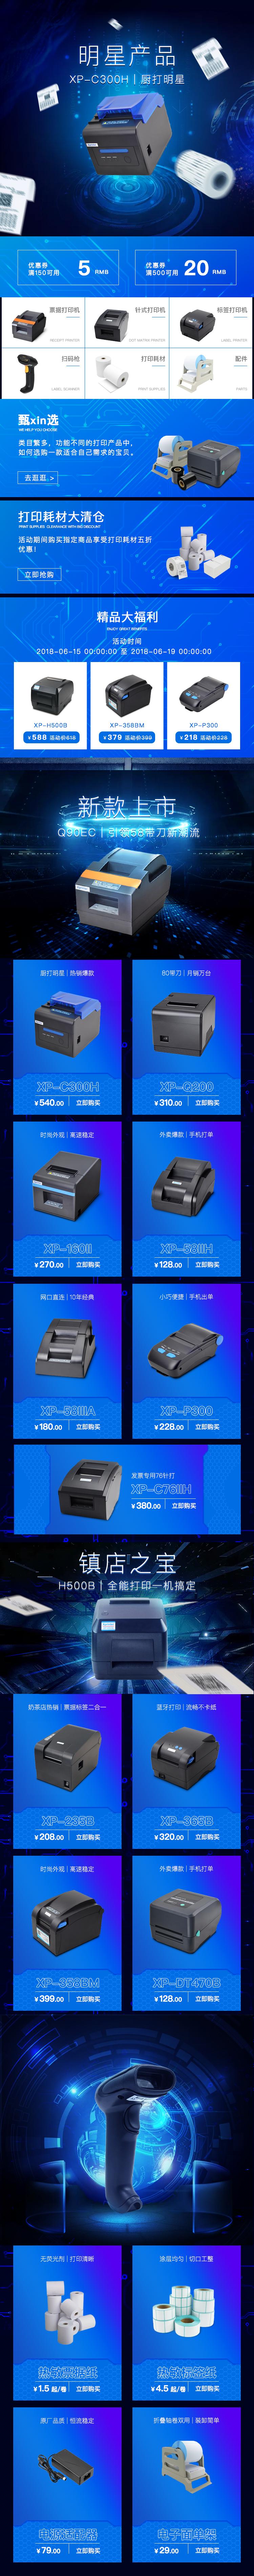 e-commerce graphic design  thermal printer